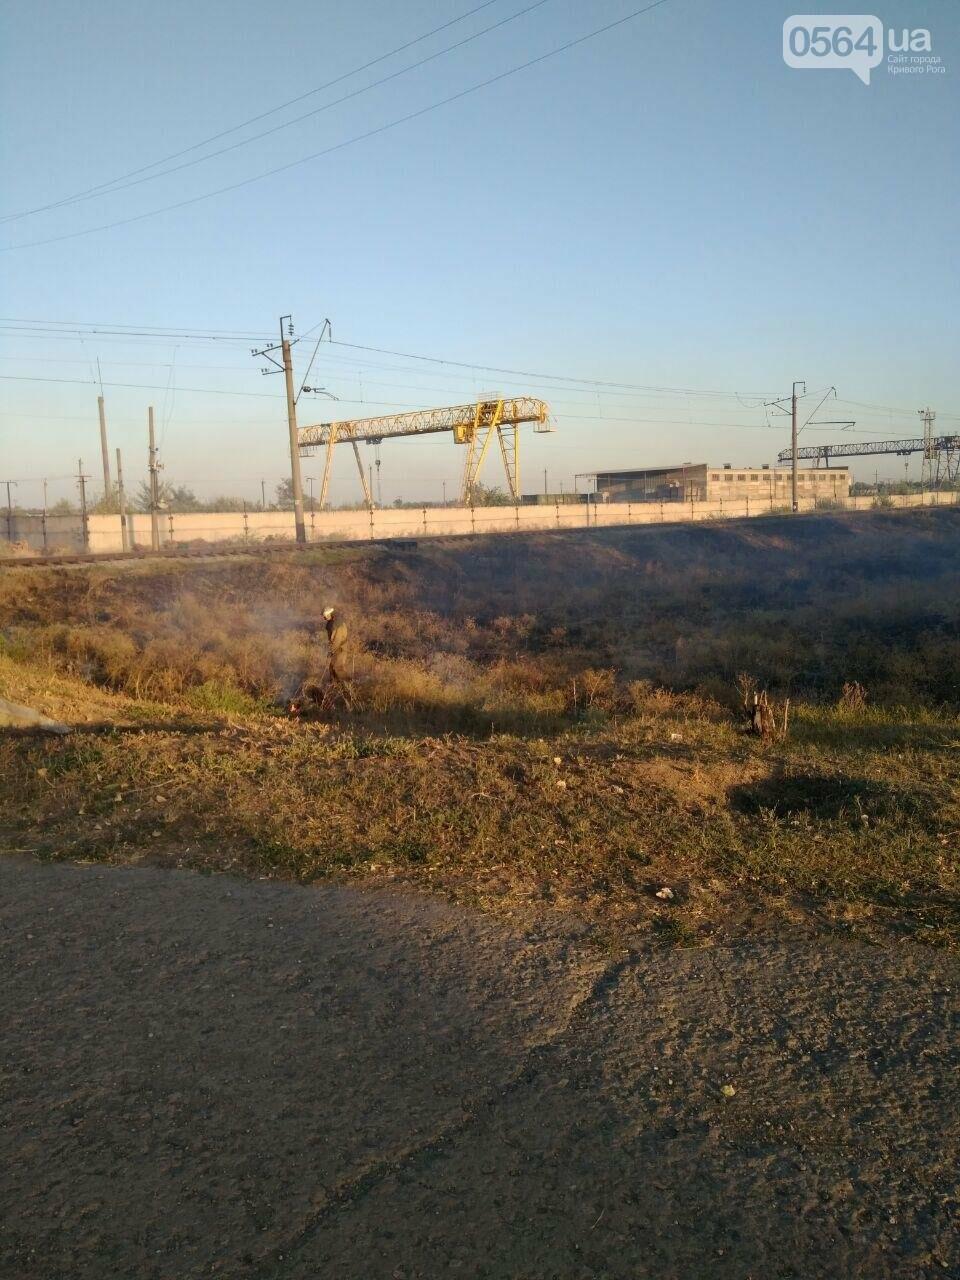 В Криворожском районе загорелась лесопосадка возле железной дороги, - ФОТО , фото-9